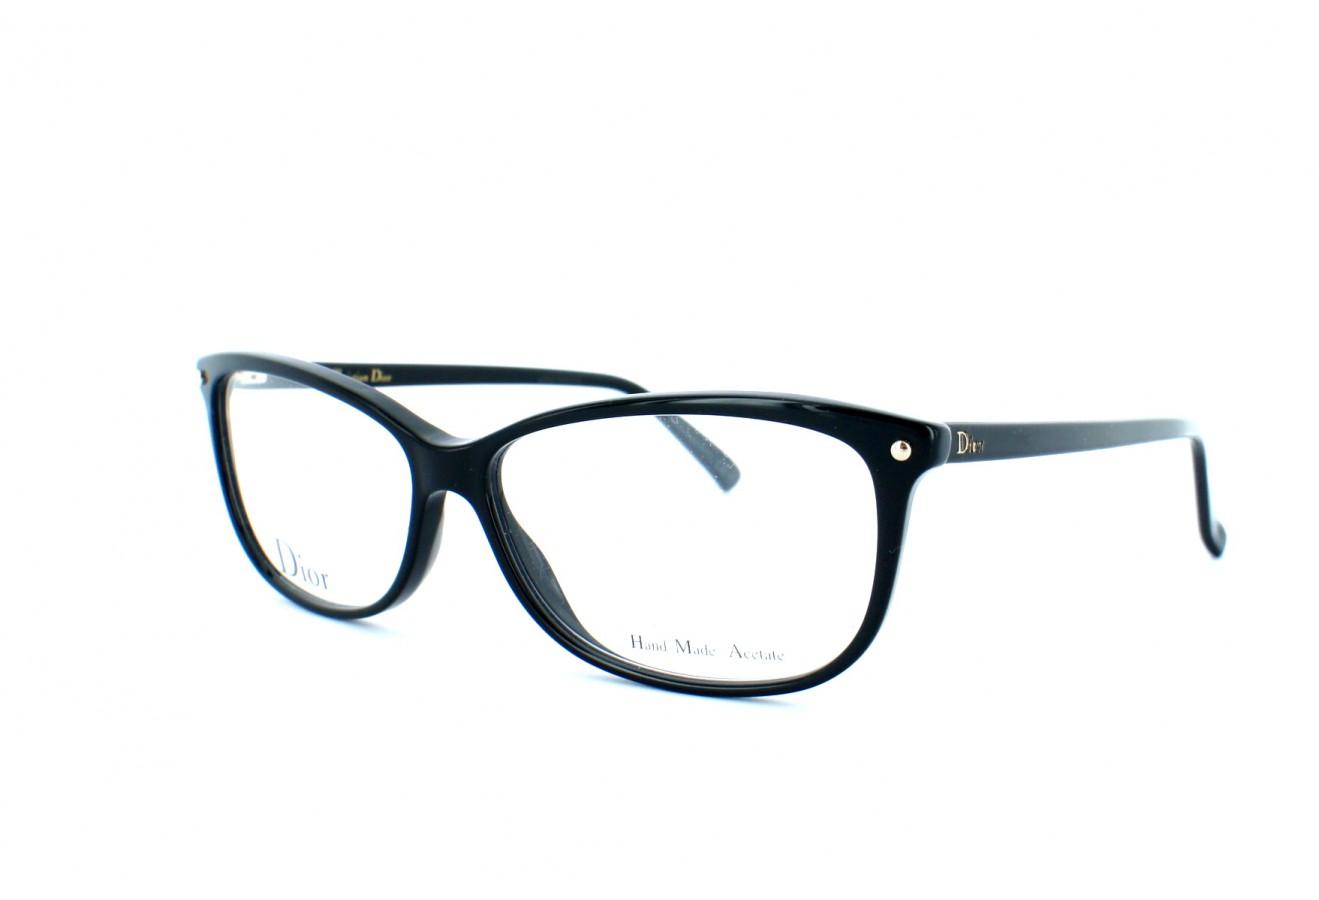 Quelques notions à savoir autour d'une monture de lunettes